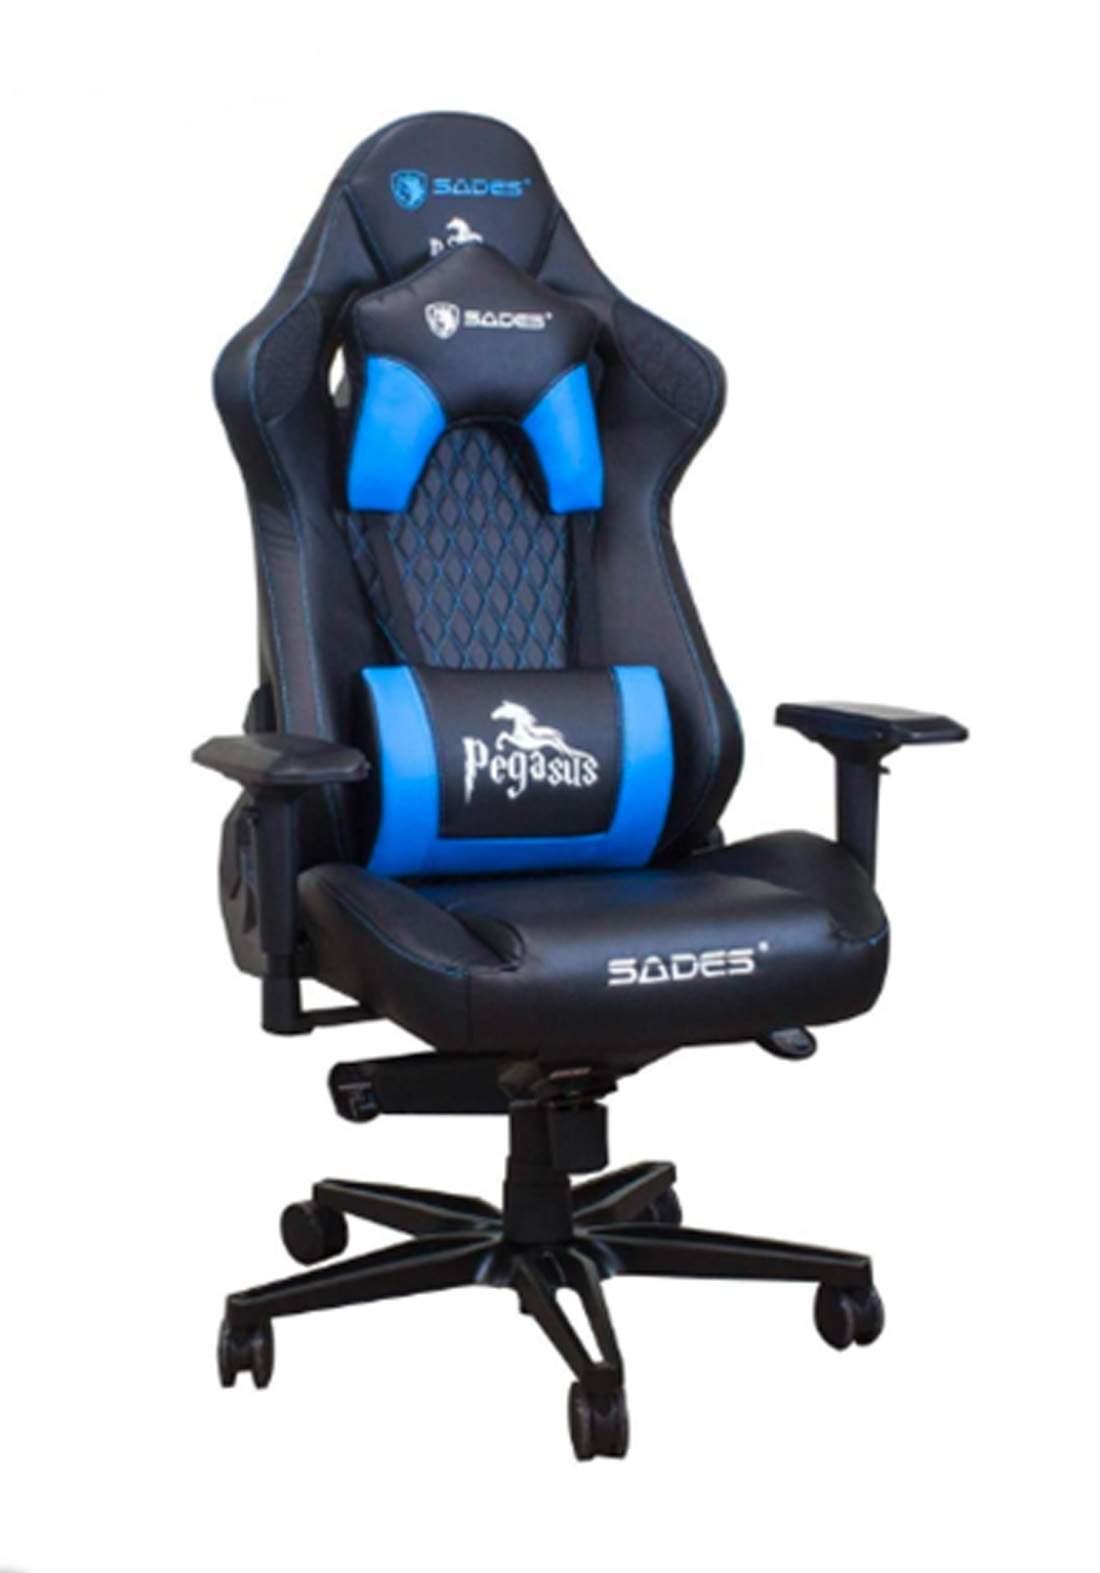 Sades SA-AD5 Pegasus Gaming Chair - Blue كرسي ألعاب